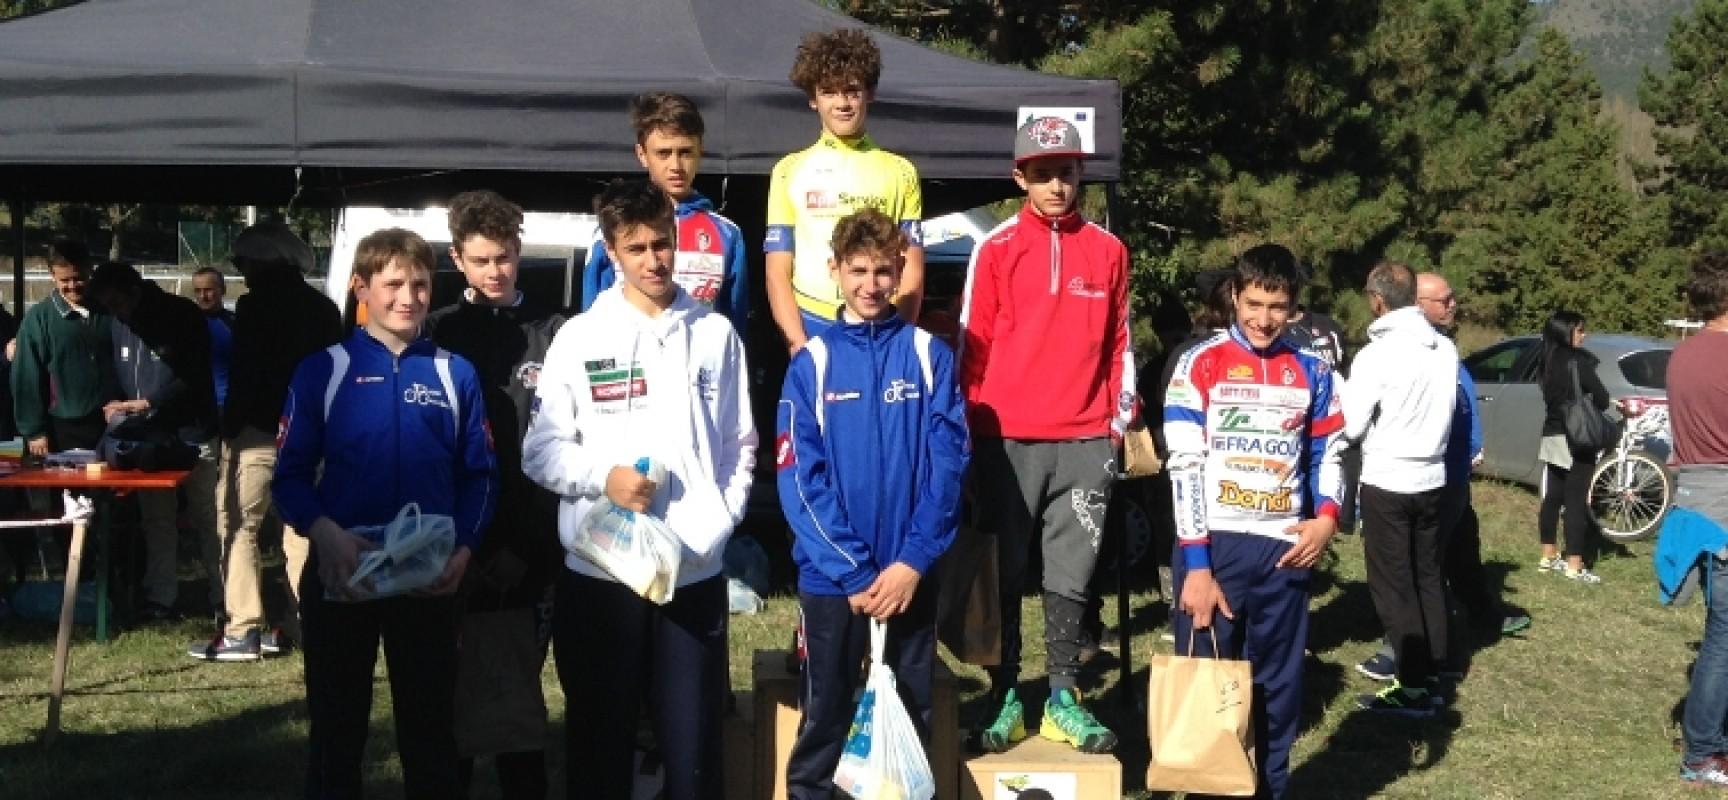 """Ludobike, primo posto per Loconsolo tra gli esordienti al 2° trofeo """"Città de L'Aquila"""""""